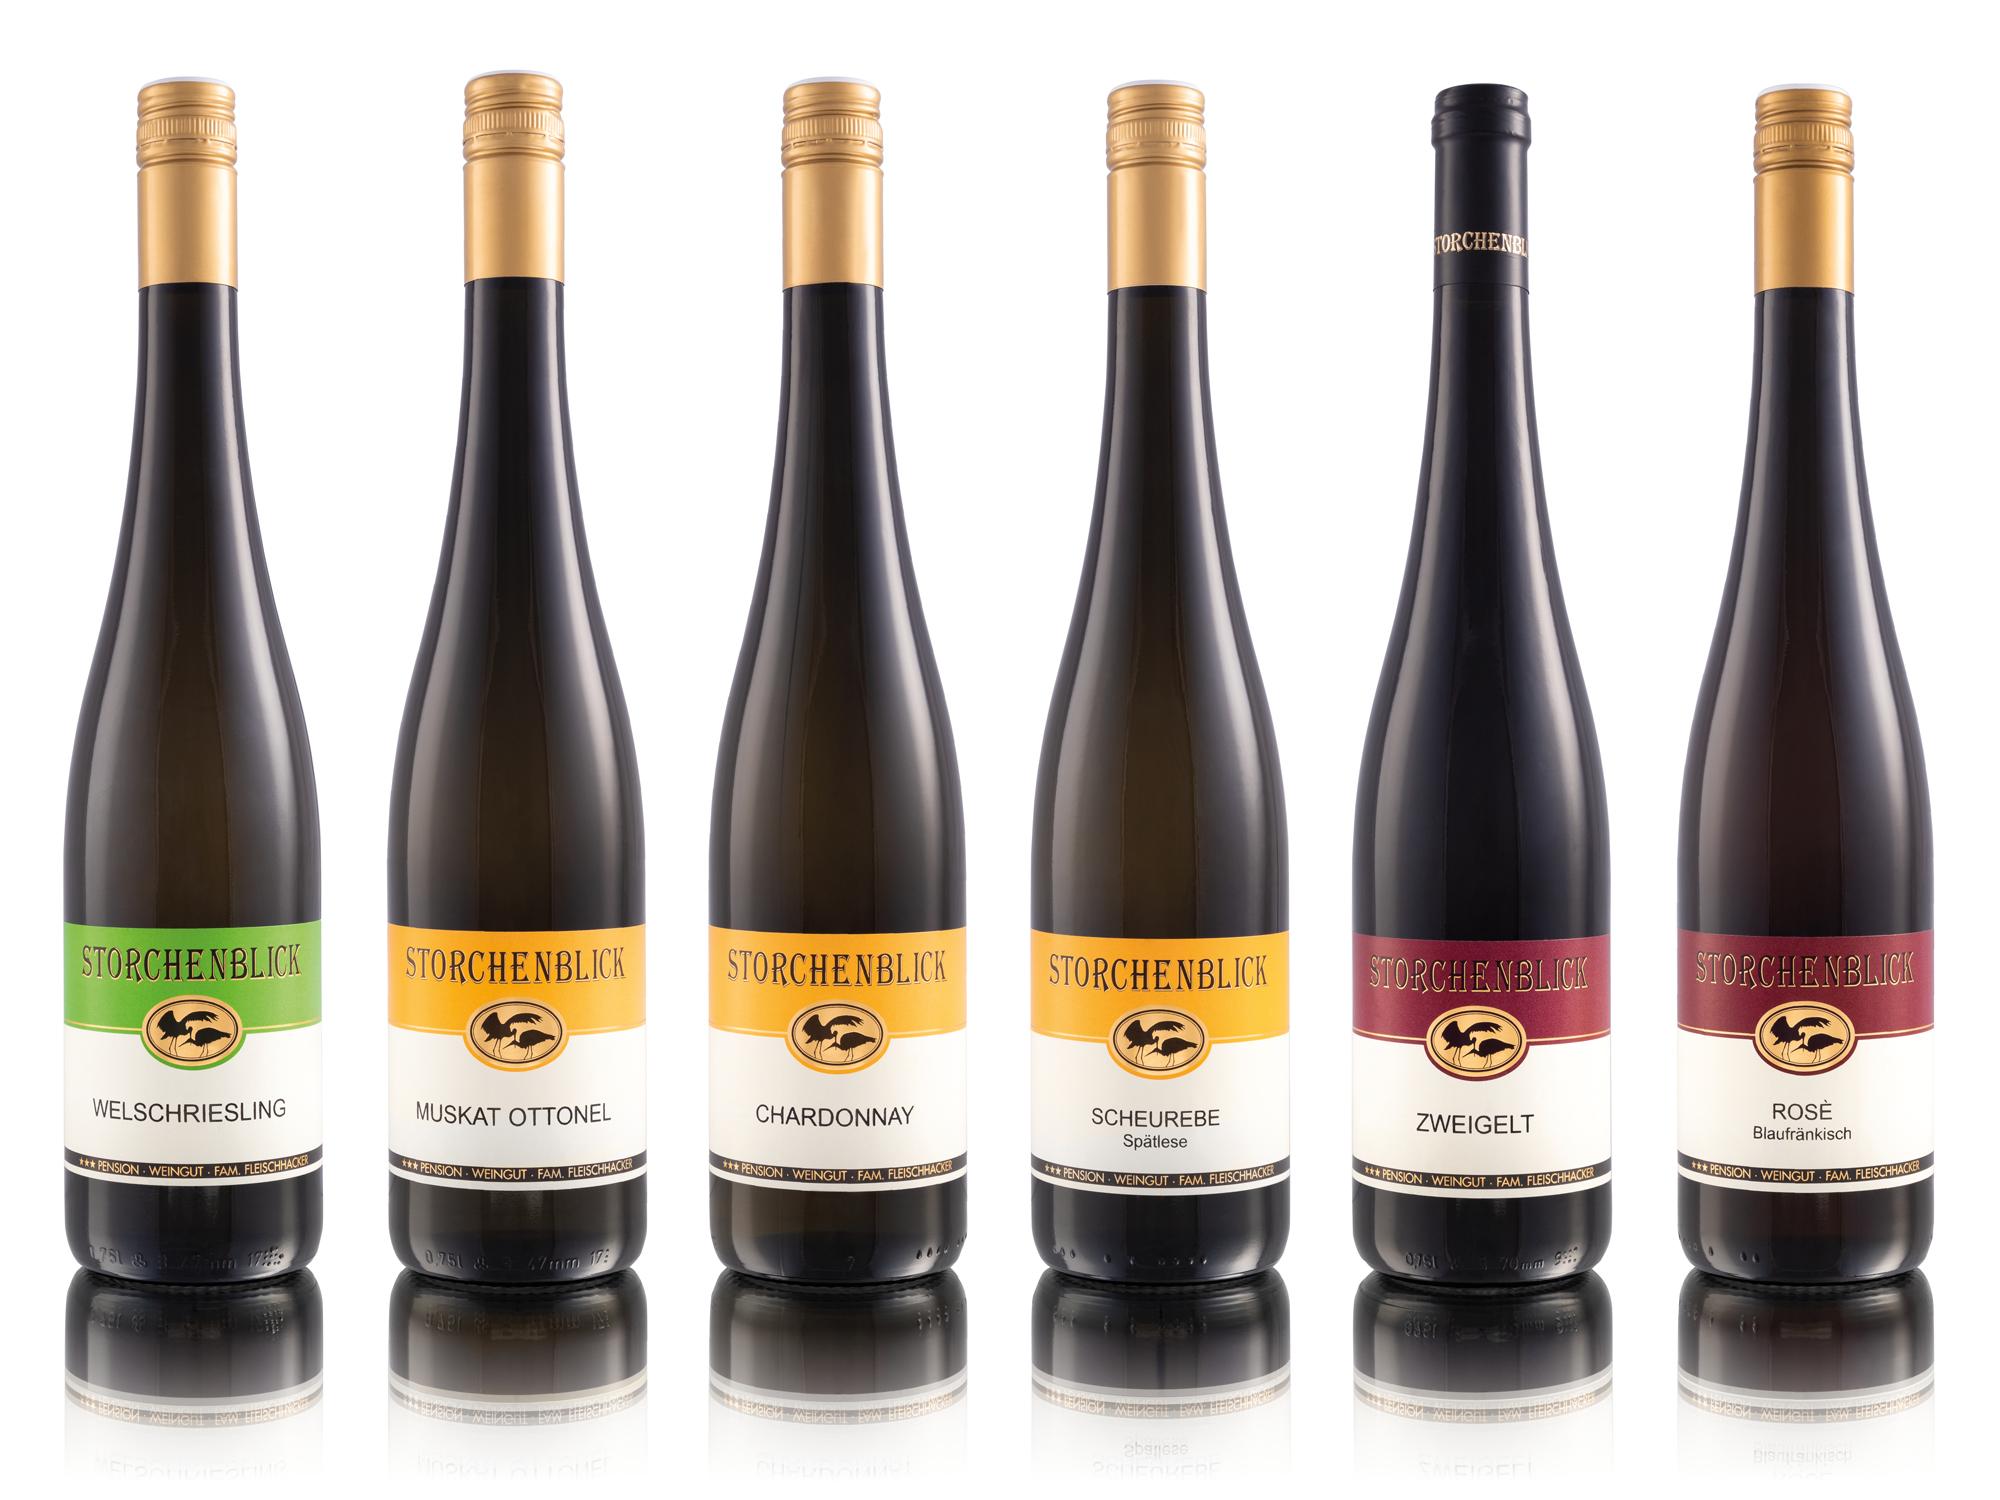 Weinflaschen Weingut Storchenblick